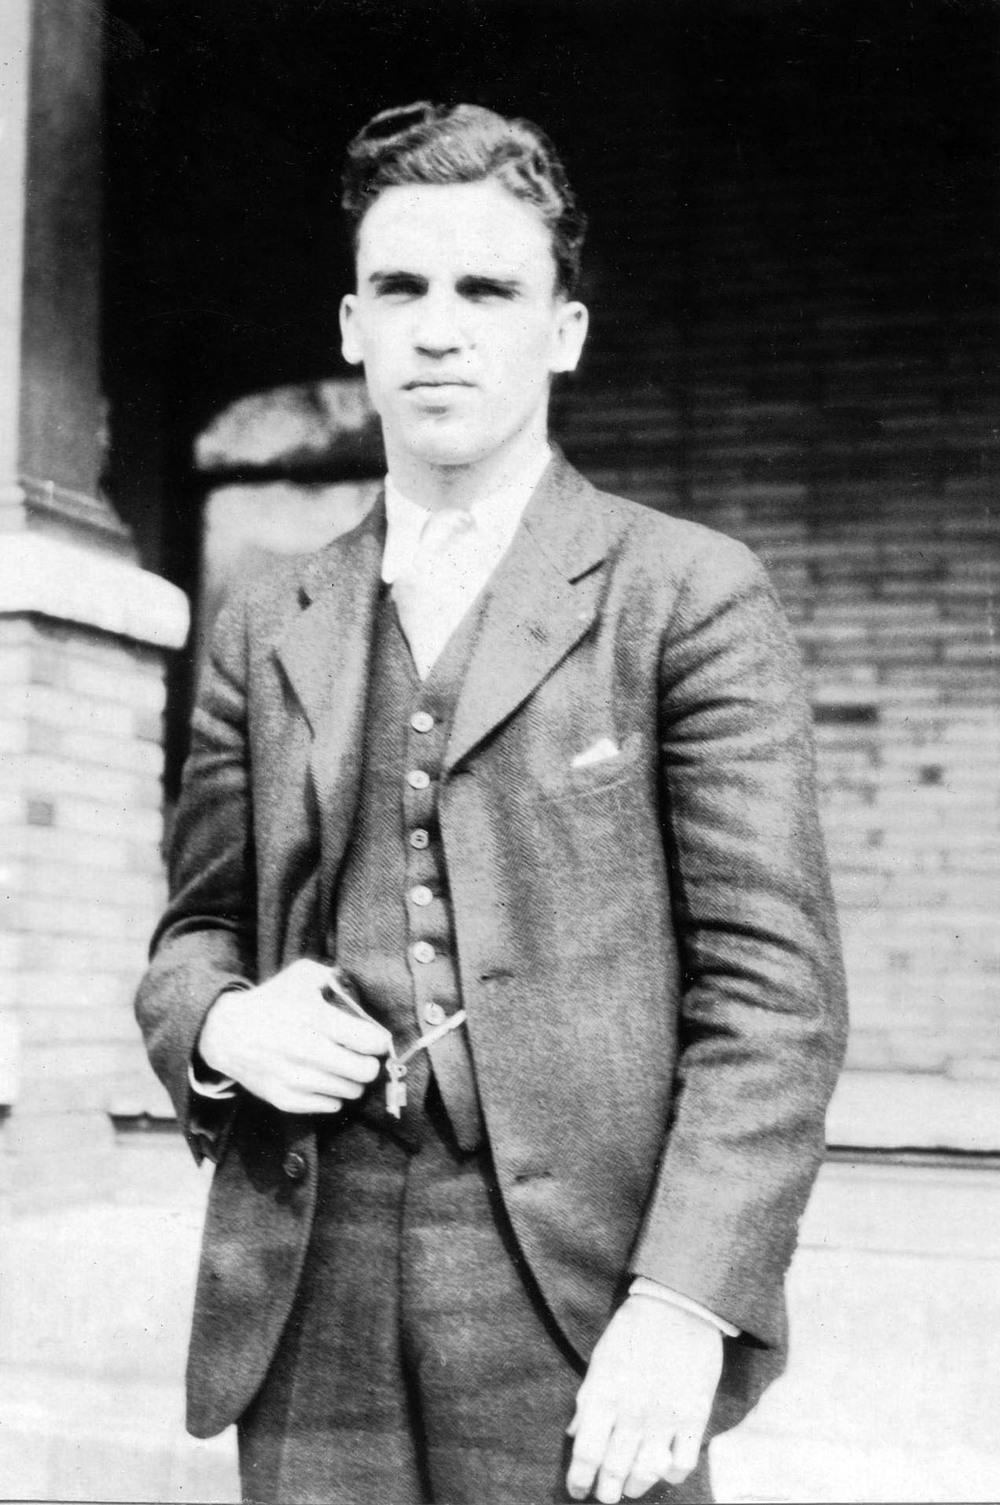 John E. Boodon 1928